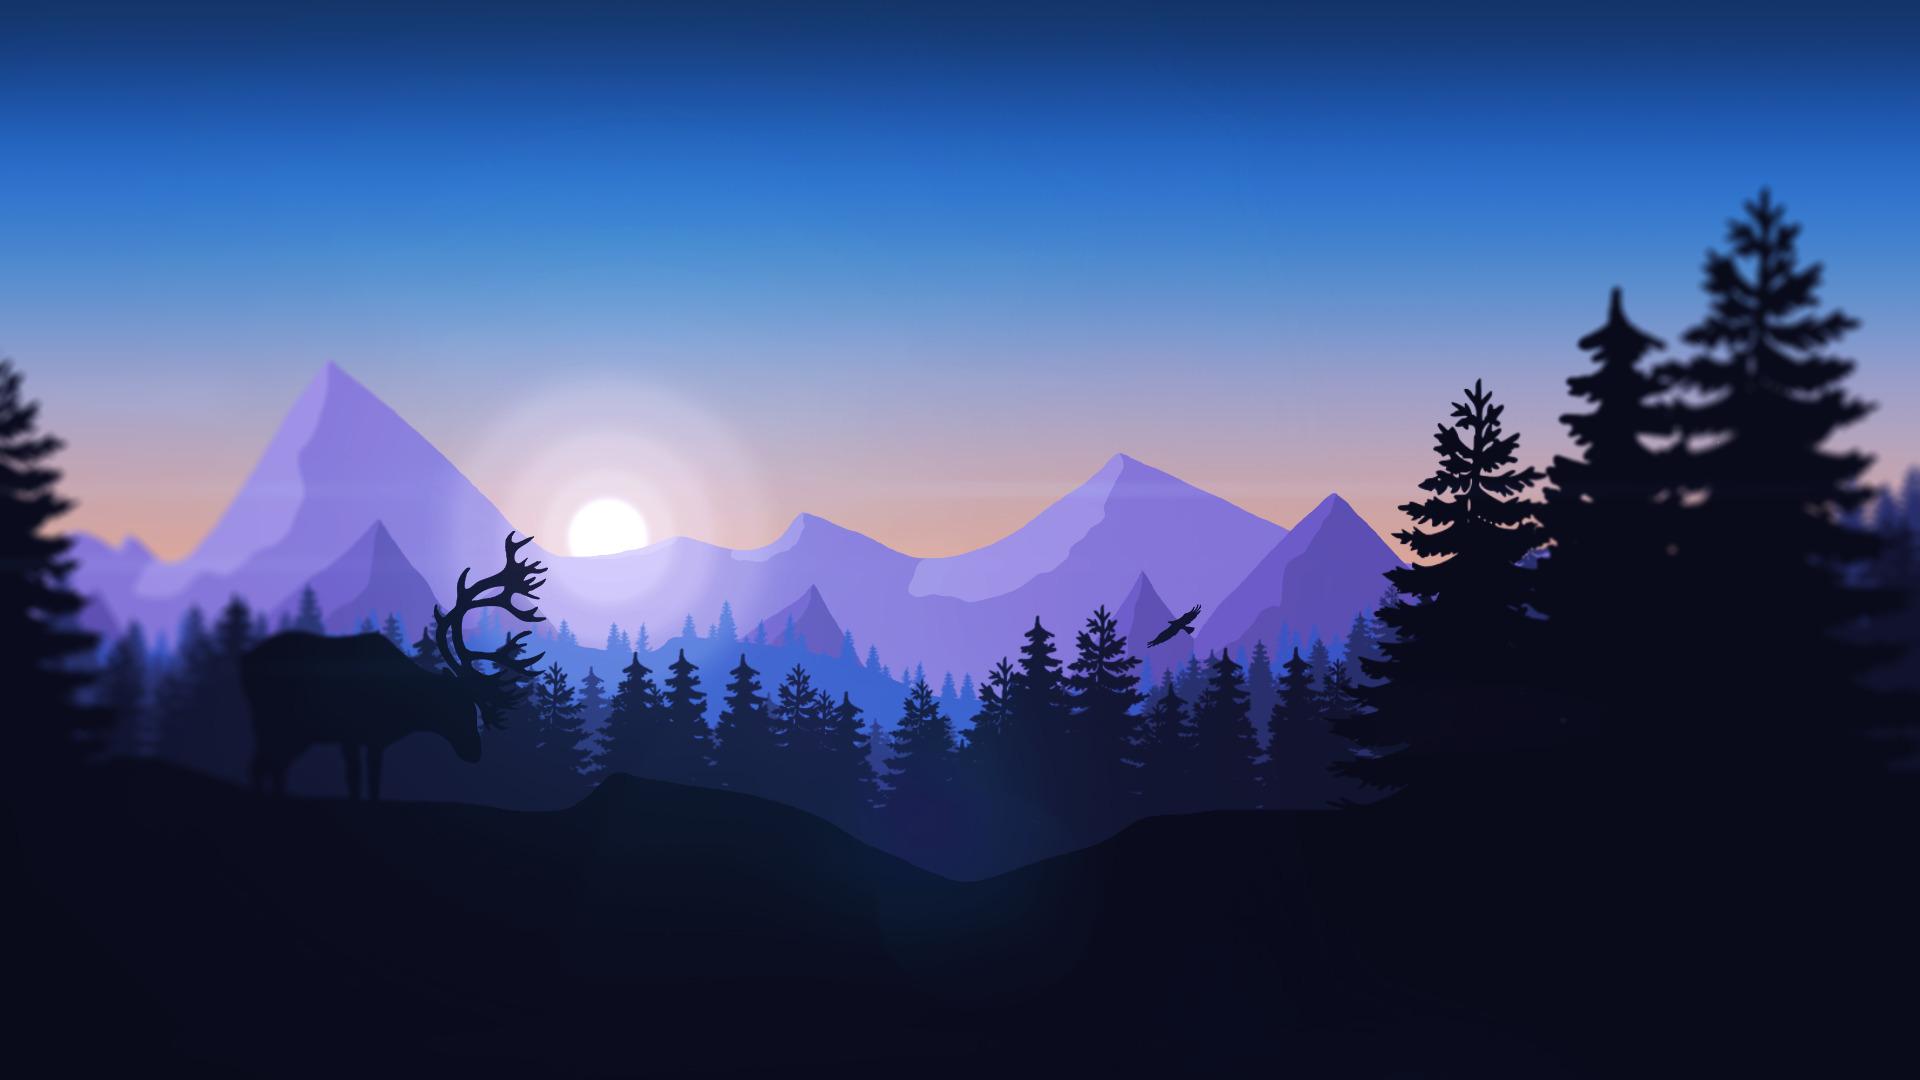 Mountains Forest Animals Firewatch Minimalism Wallpapers - Minimalist Forest , HD Wallpaper & Backgrounds